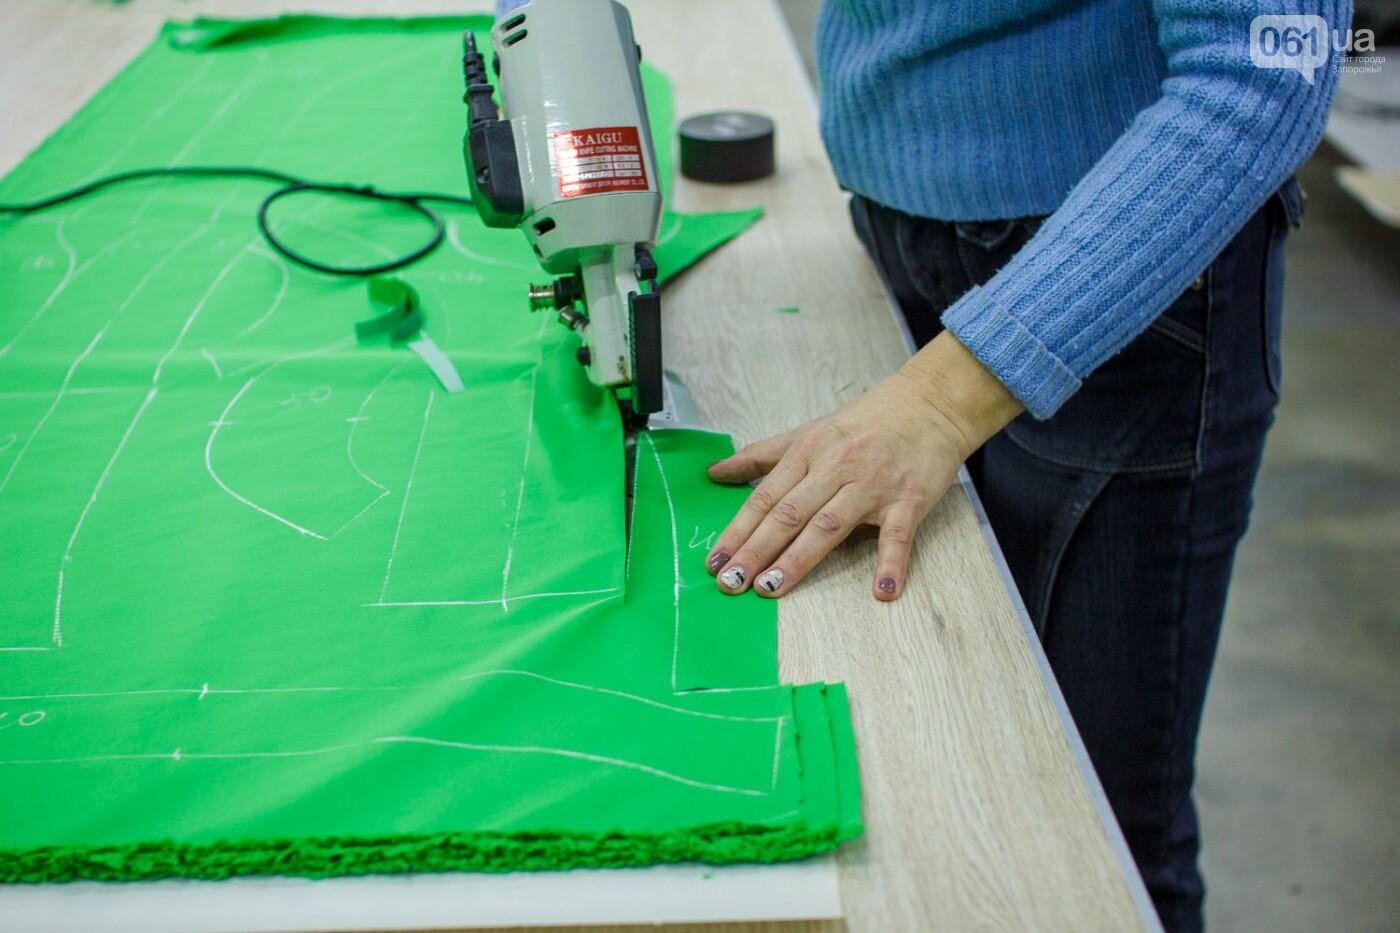 Как в Запорожье шьют мужское белье: экскурсия на трикотажную фабрику, – ФОТОРЕПОРТАЖ, фото-25